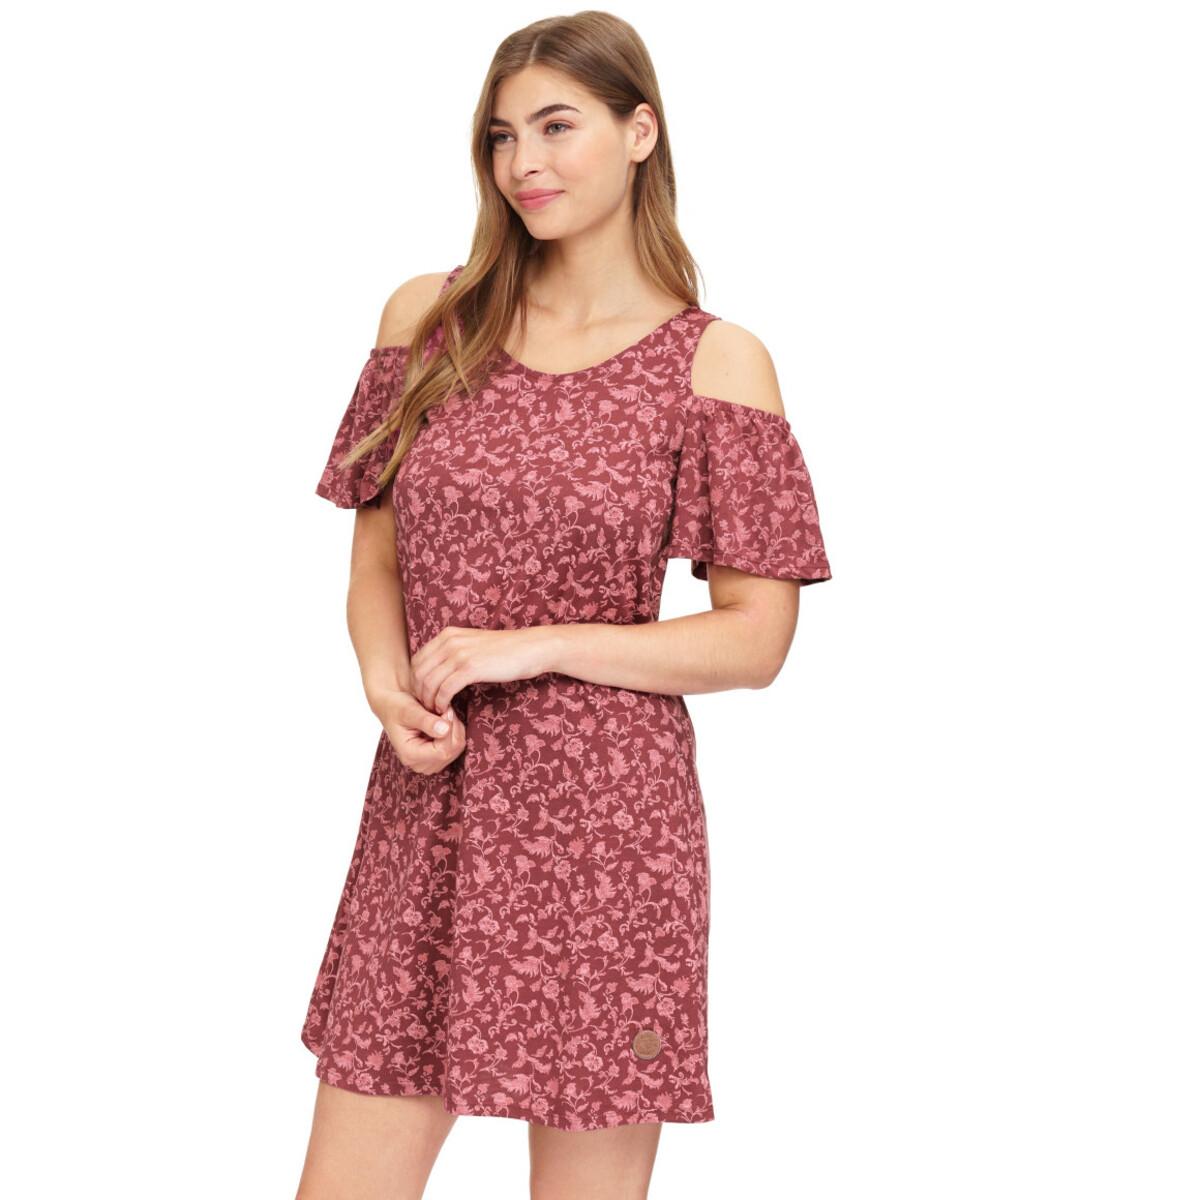 Bild 2 von Damen Kleid im Cold-Shoulder-Look